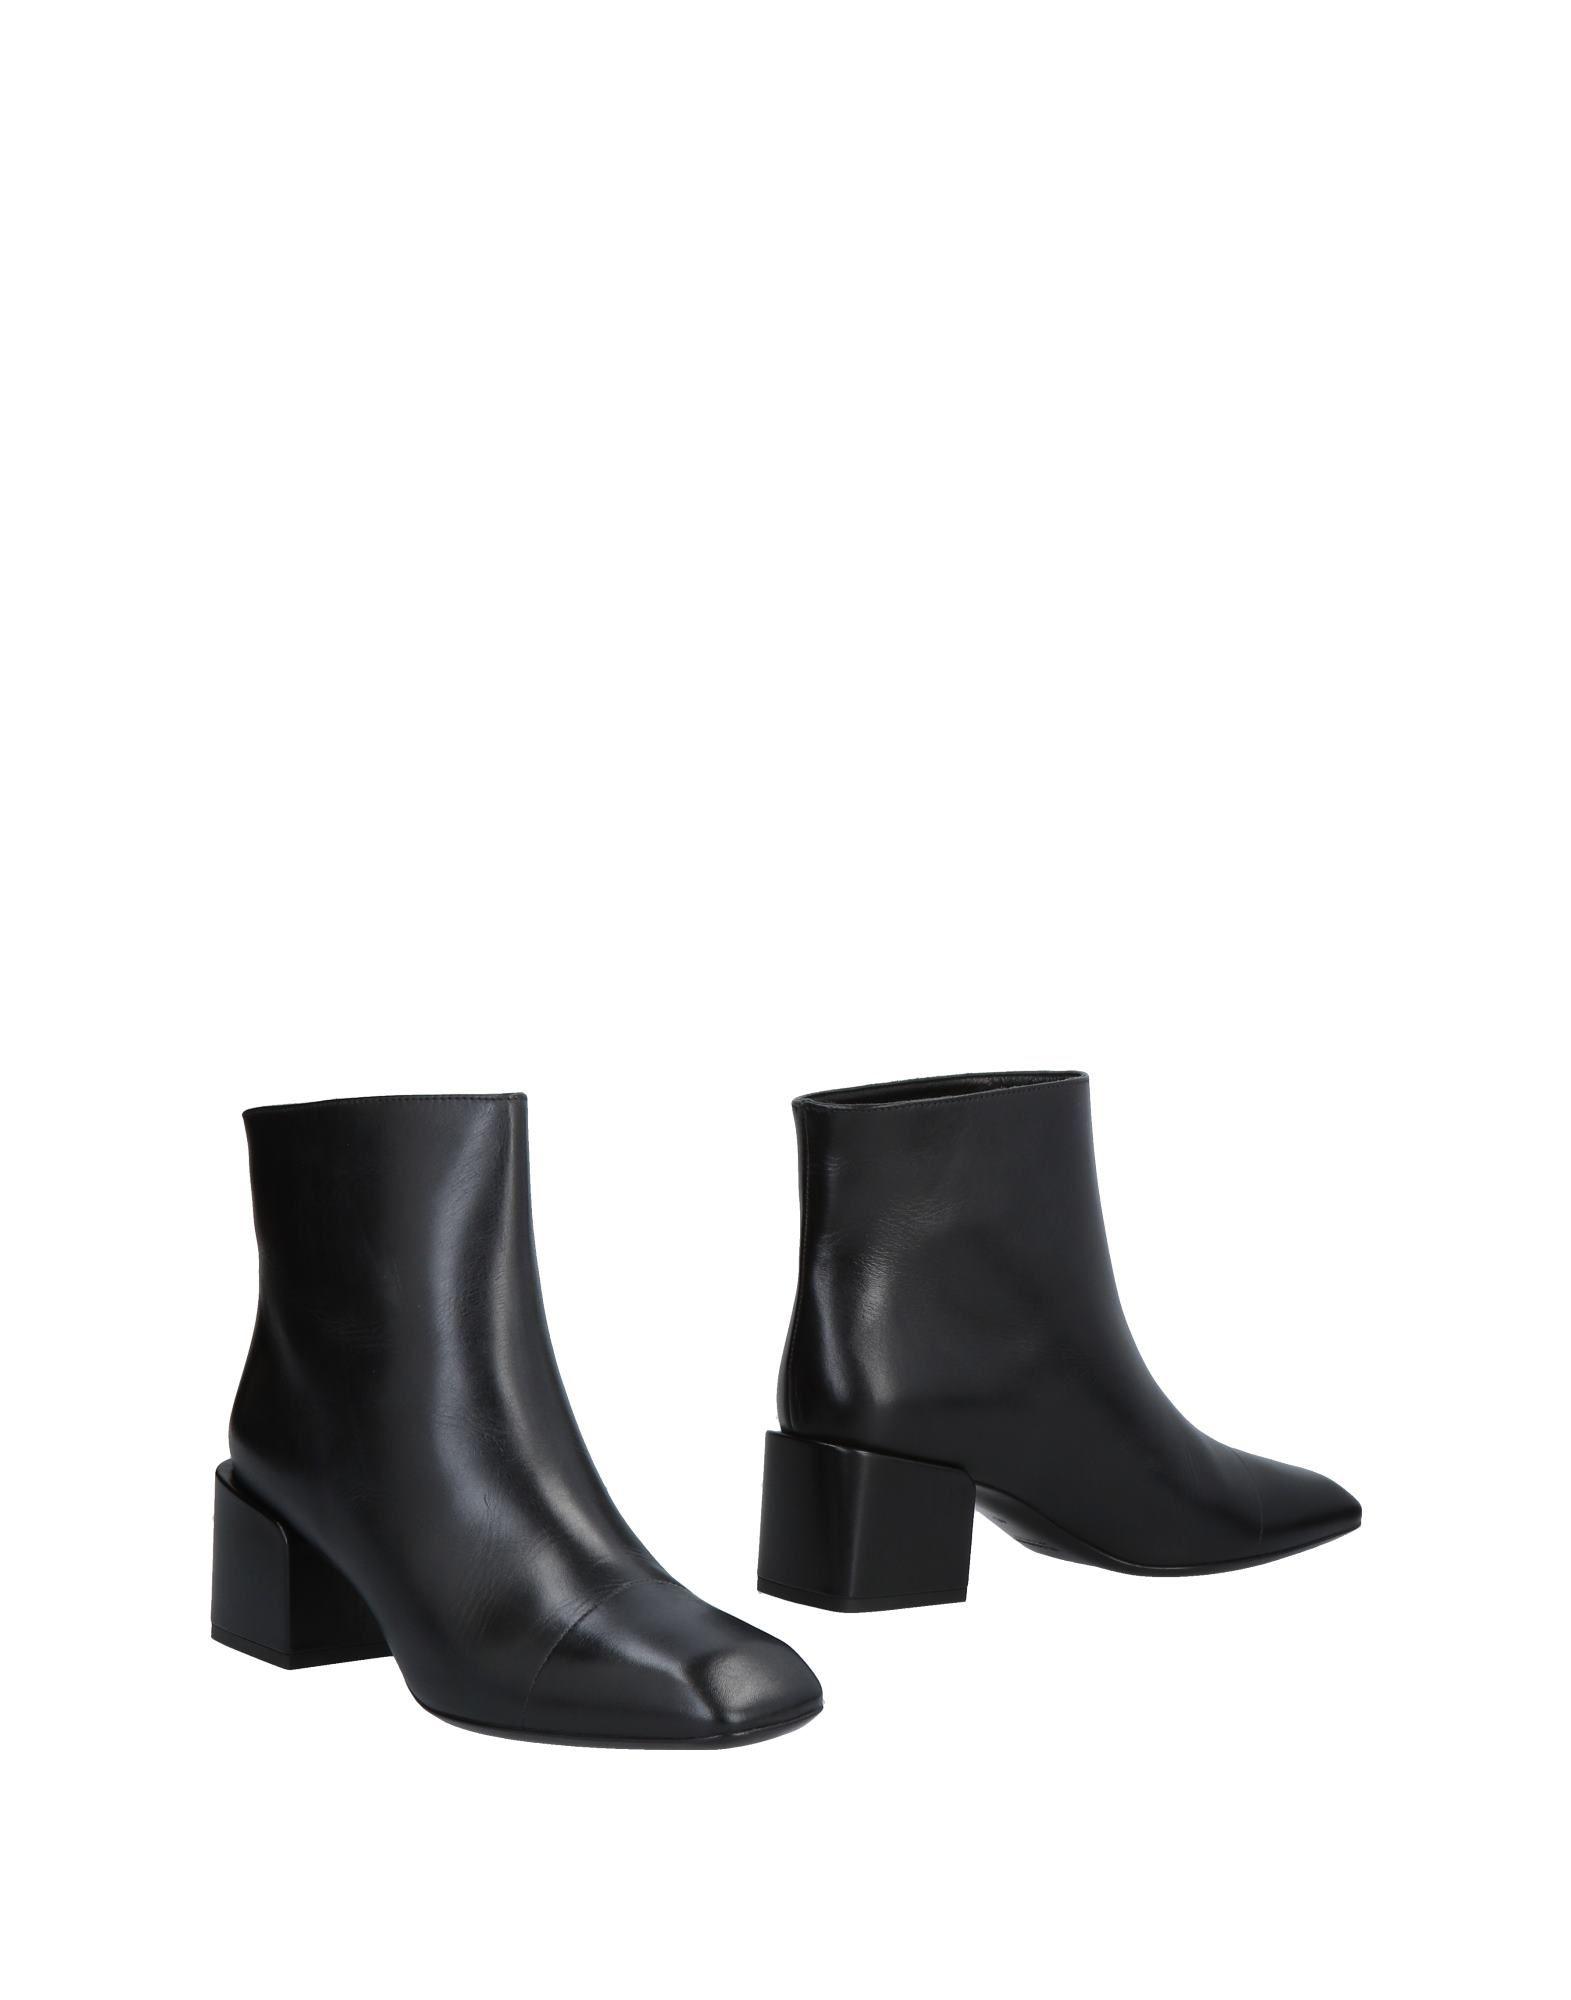 Jil Sander Stiefelette Damen  11496388OKGünstige gut aussehende Schuhe